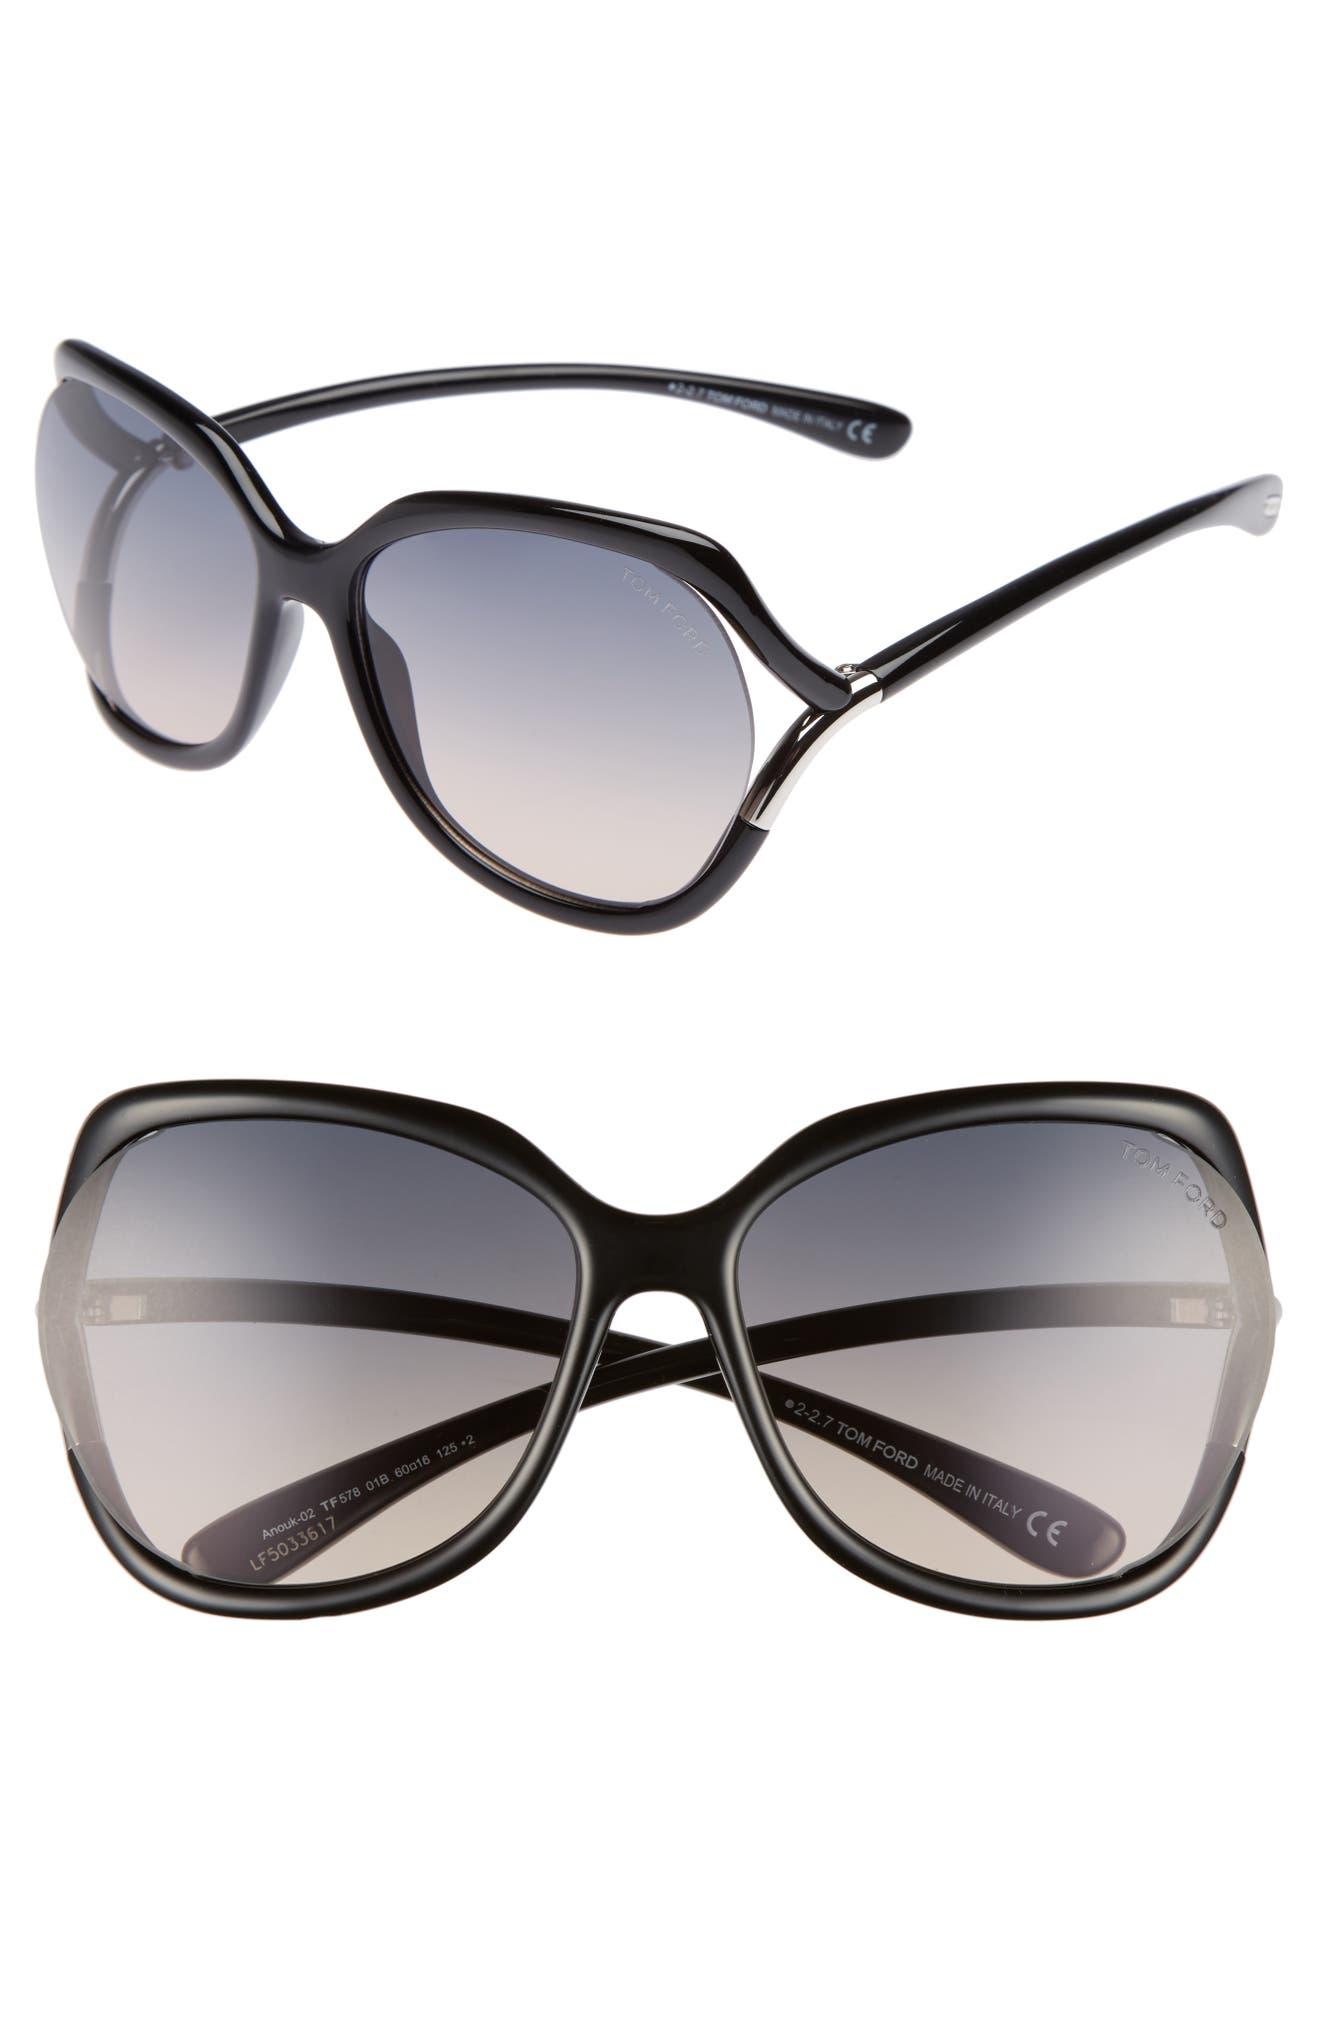 073a8f9f5f3 Tom Ford Anouk 60mm Geometric Sunglasses